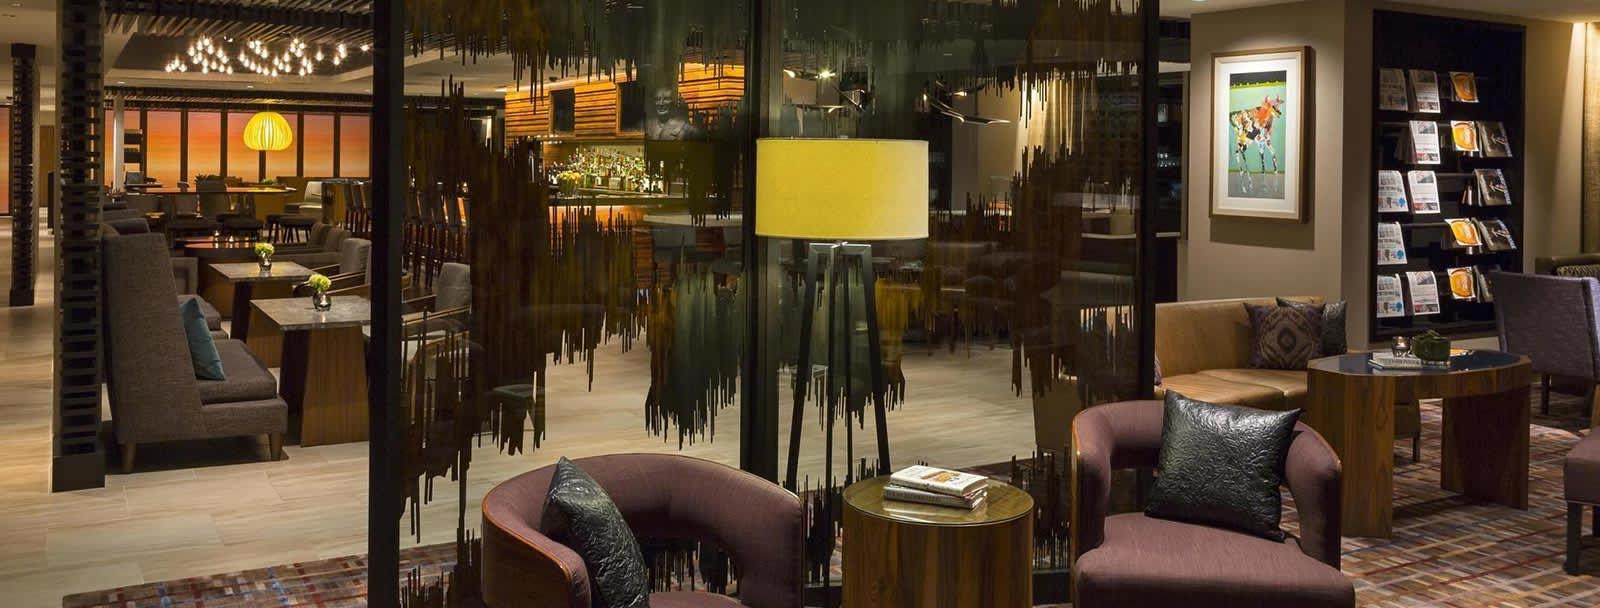 Shared Services of Davidson Hotels & Resorts, Atlanta